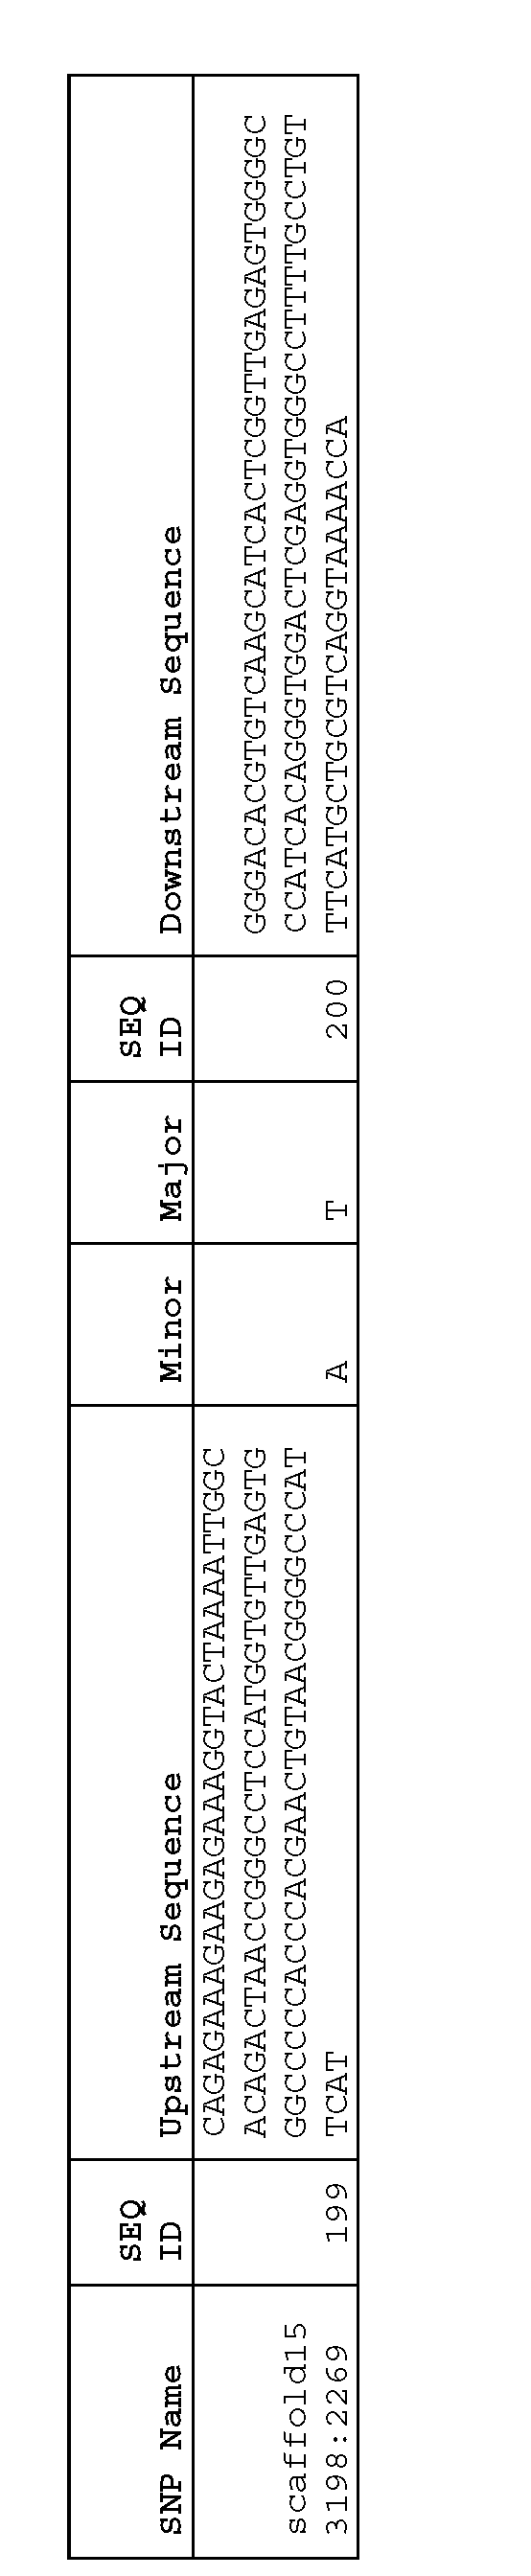 Figure imgf000068_0001